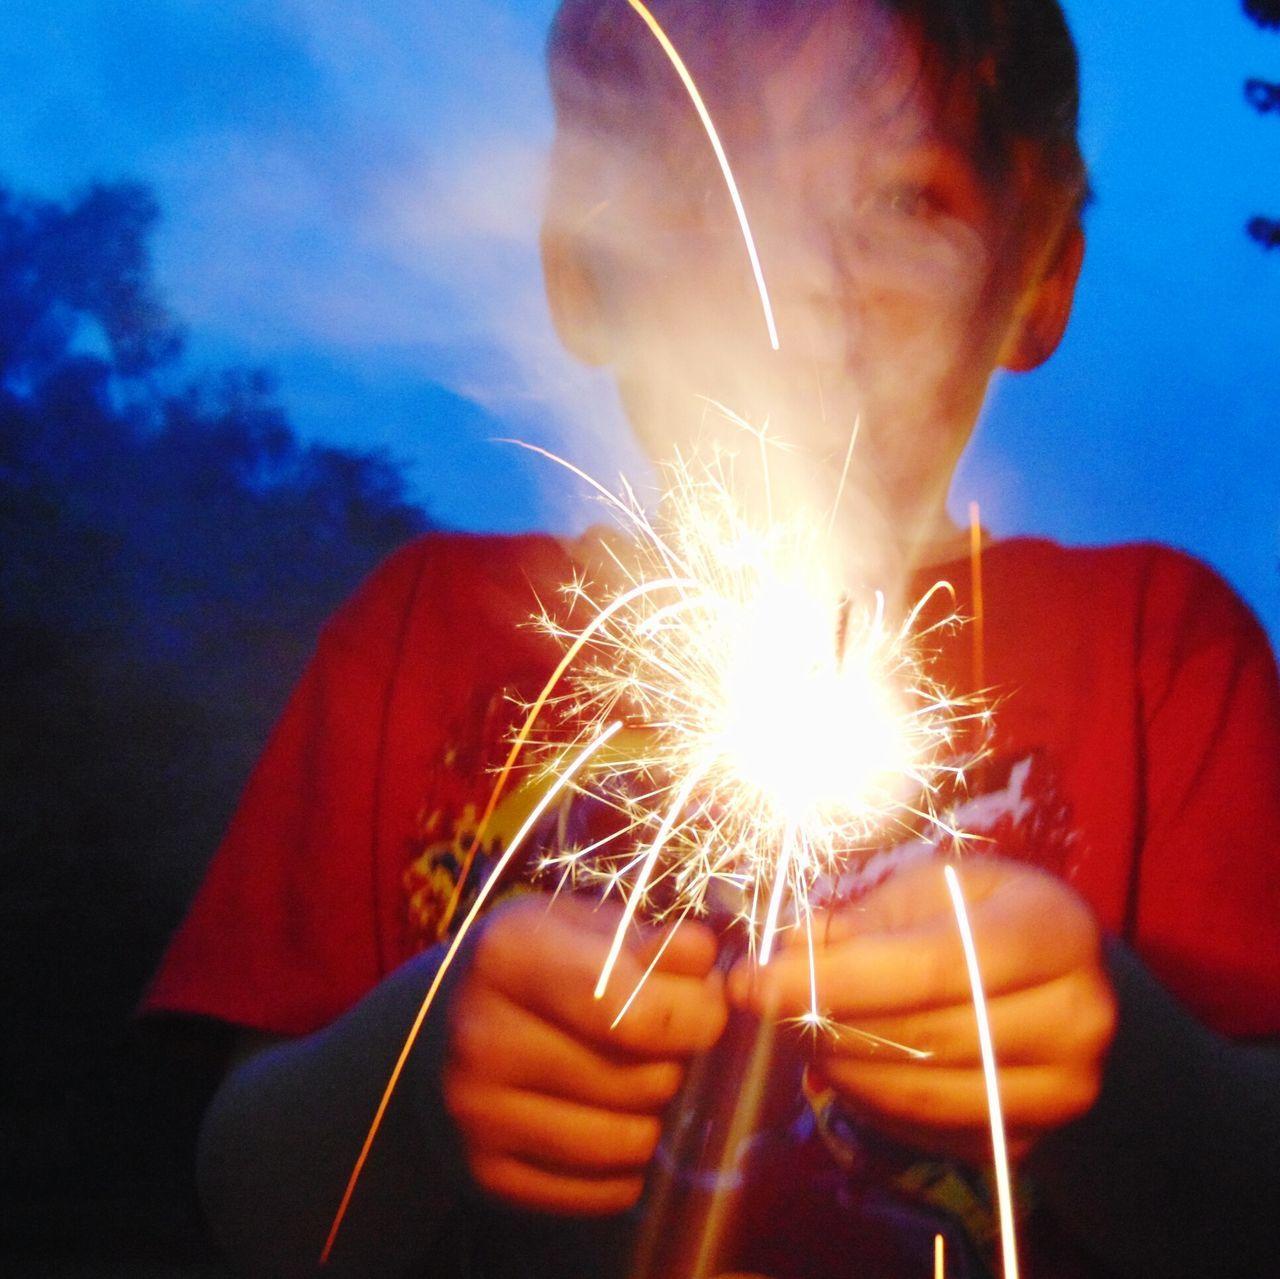 Boy With Illuminated Sparkler Against Sky At Dusk